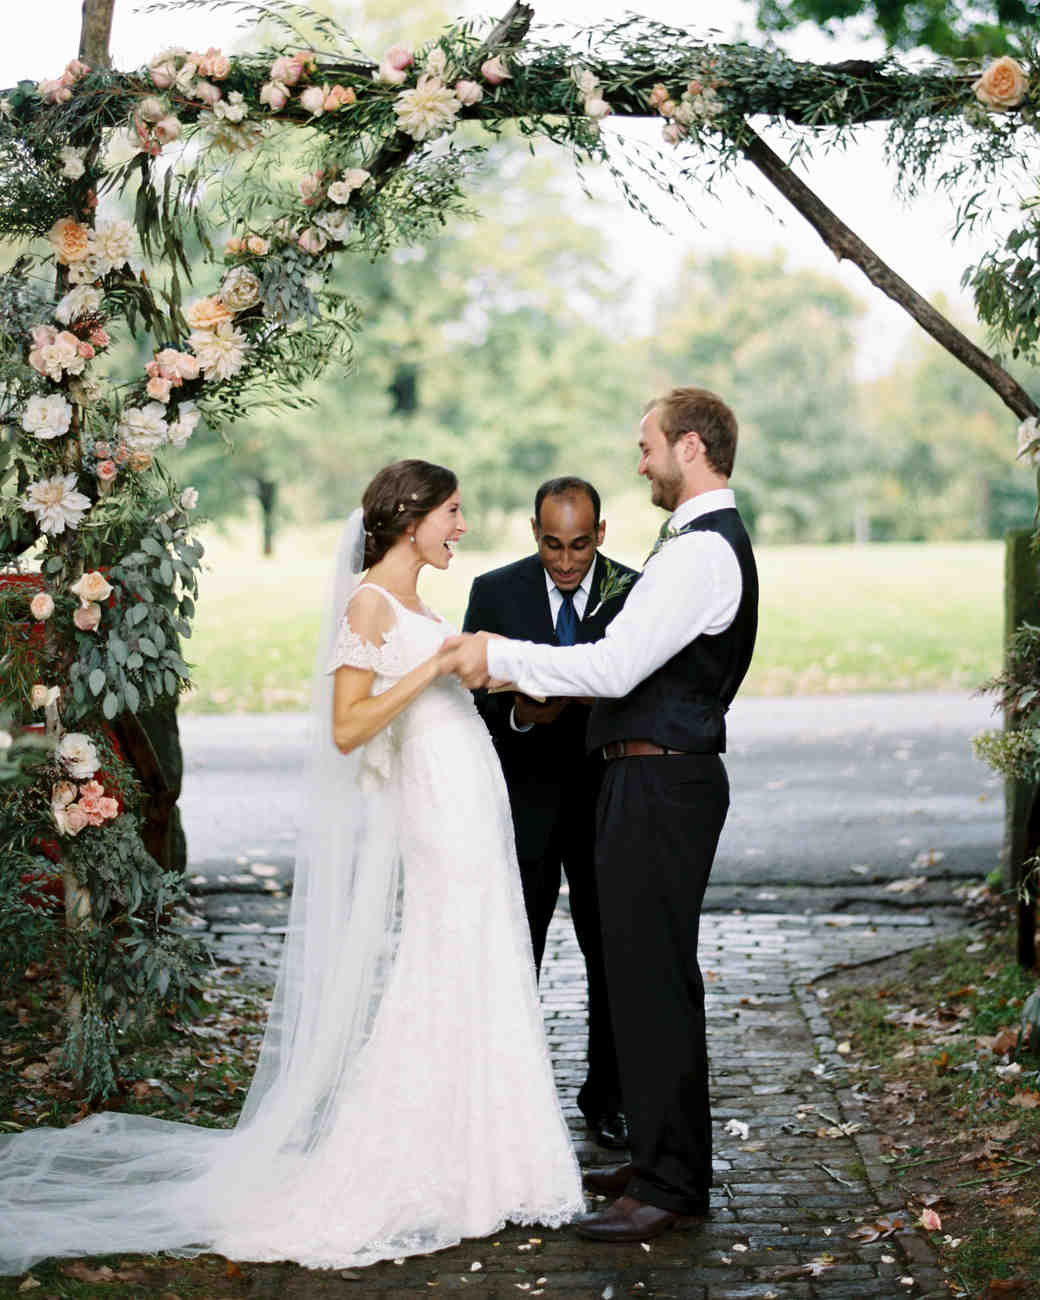 Martha Stewart Weddings: The Traditional Wedding Processional Order